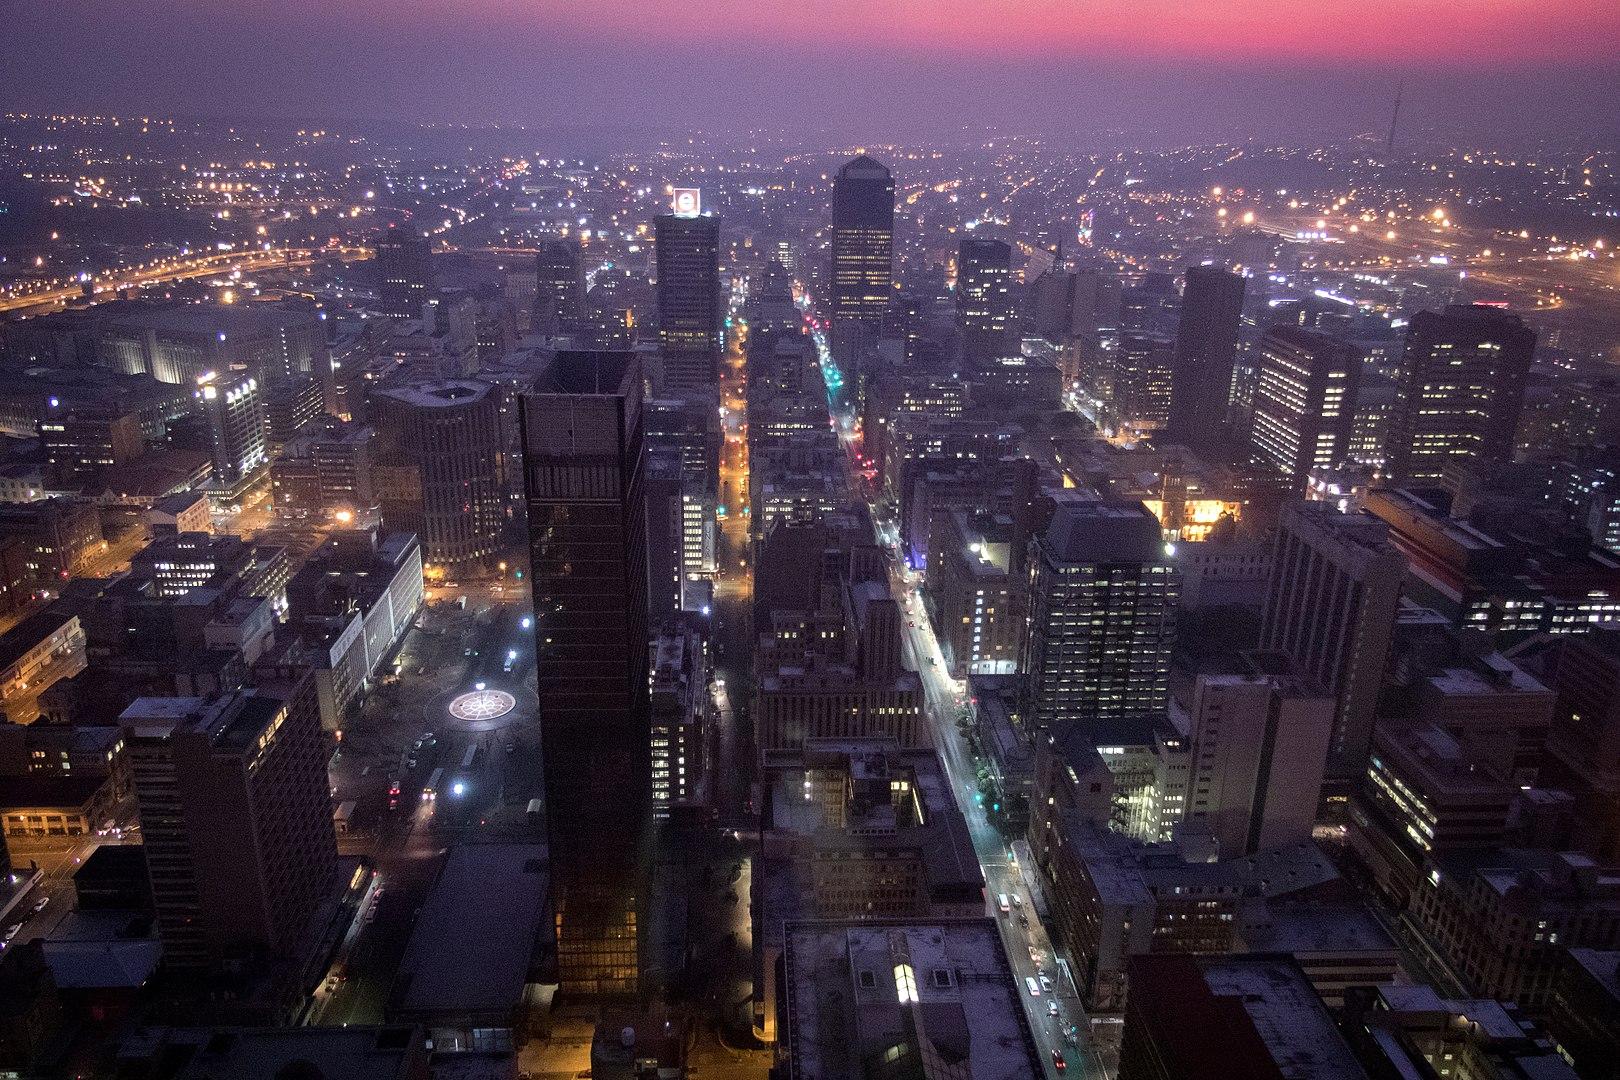 Johannesburg's inner city